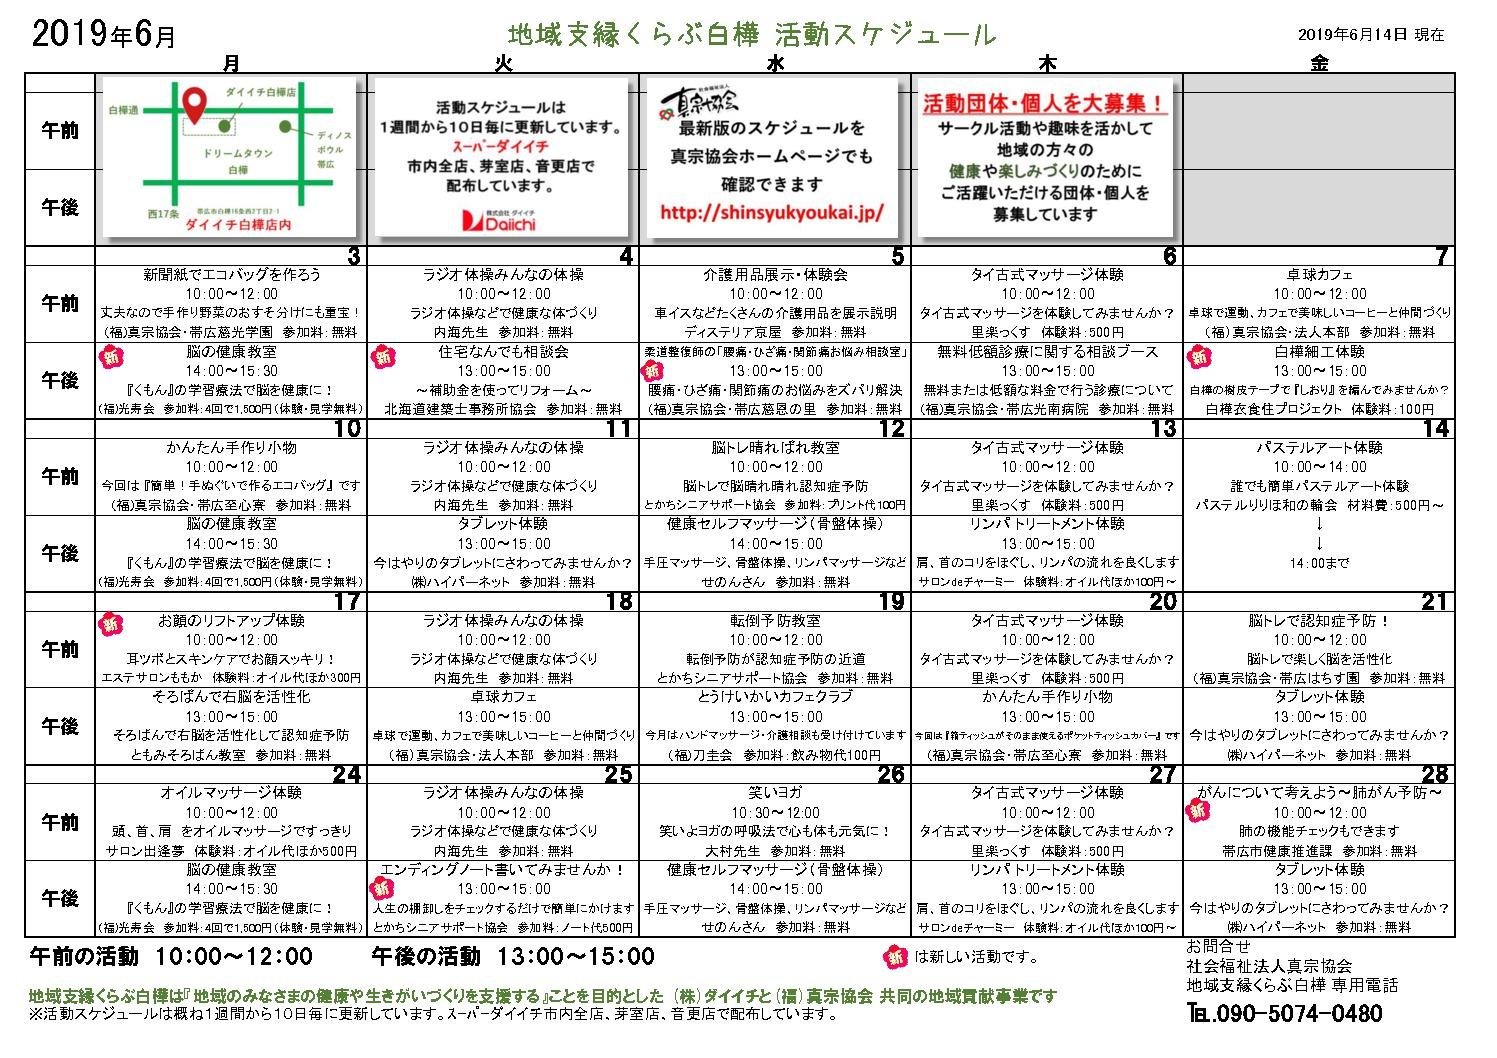 2019活動スケジュール6(2019.6.14付)のサムネイル